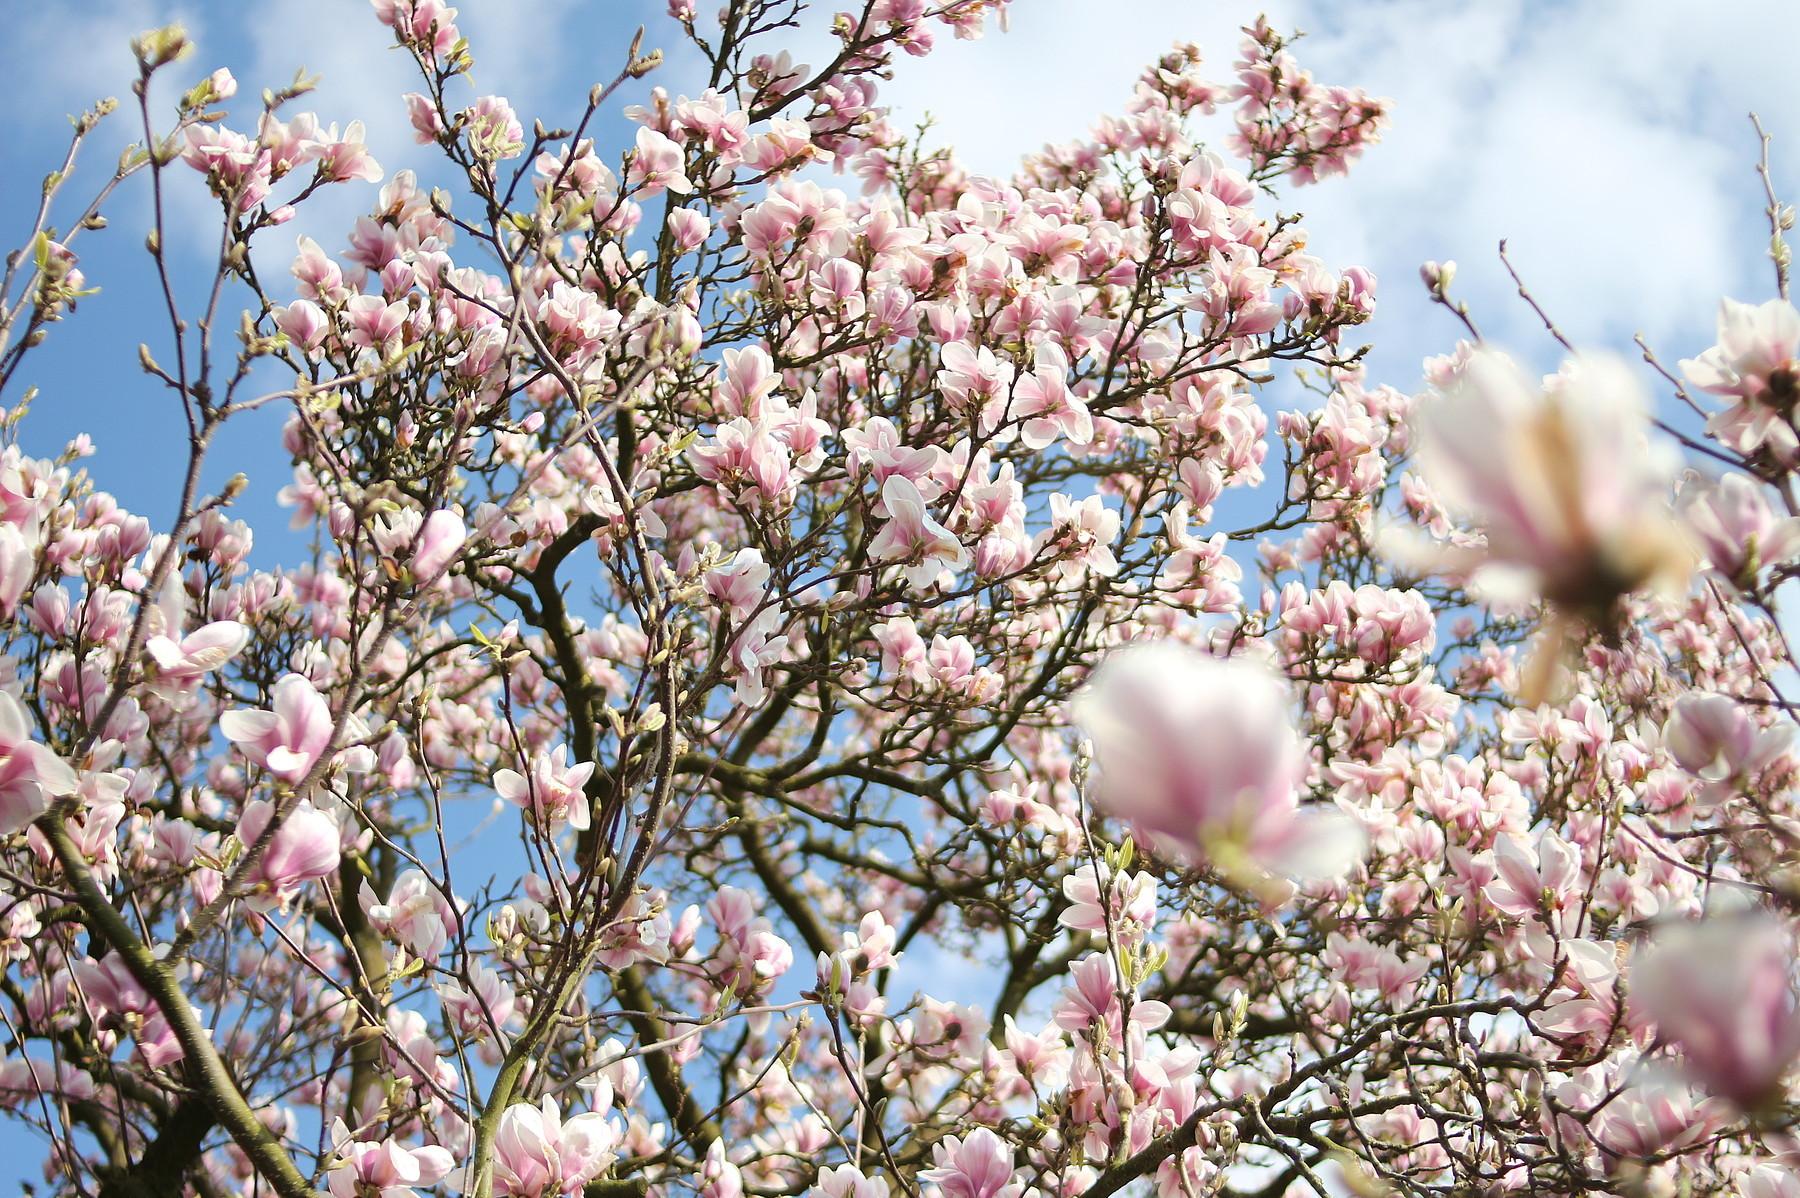 Tipps zur Pflege von Bäumen, Sträuchern und Stauden